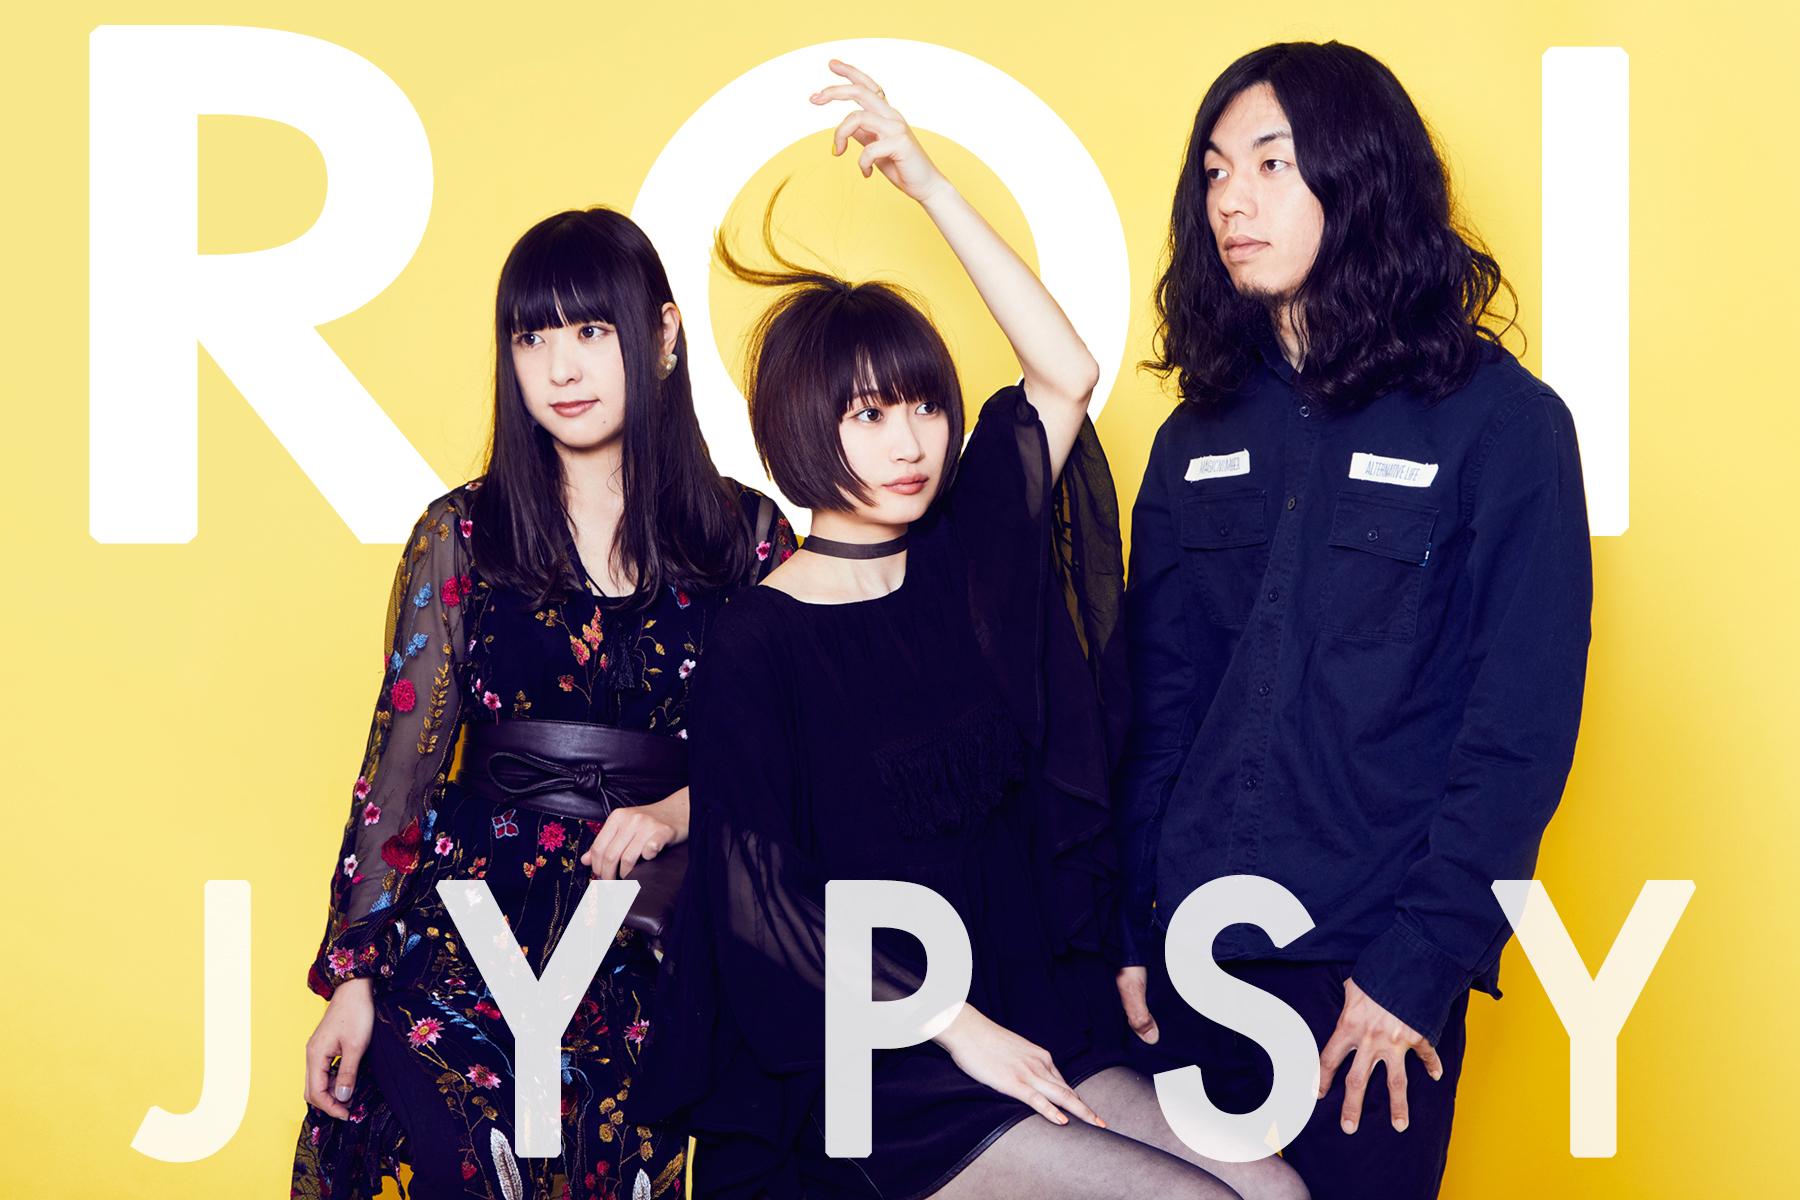 """【ロイジプシー】渋谷クアトロワンマン計画、第一弾!CD制作から宣伝までを支援する""""あなたと共同制作""""大作戦!"""